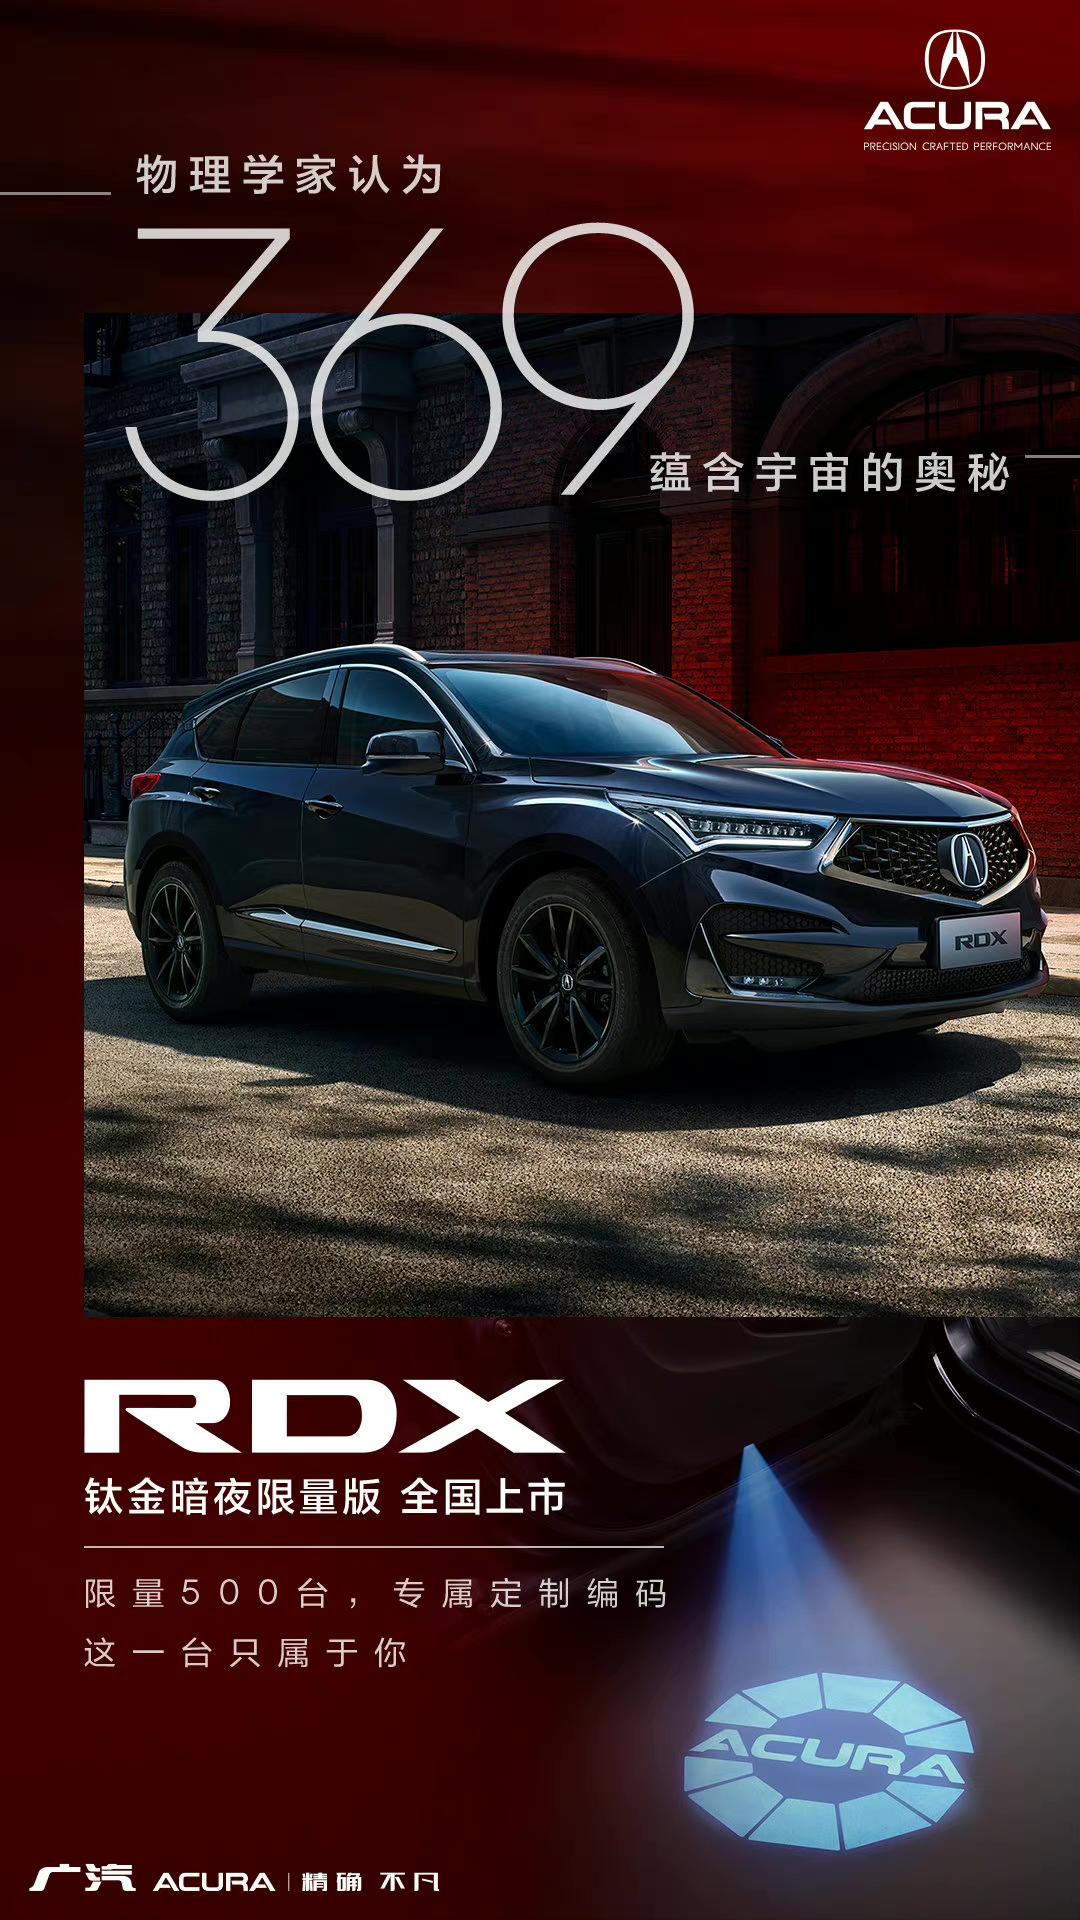 限量500台,广汽讴歌RDX钛金暗夜限量版正式上市